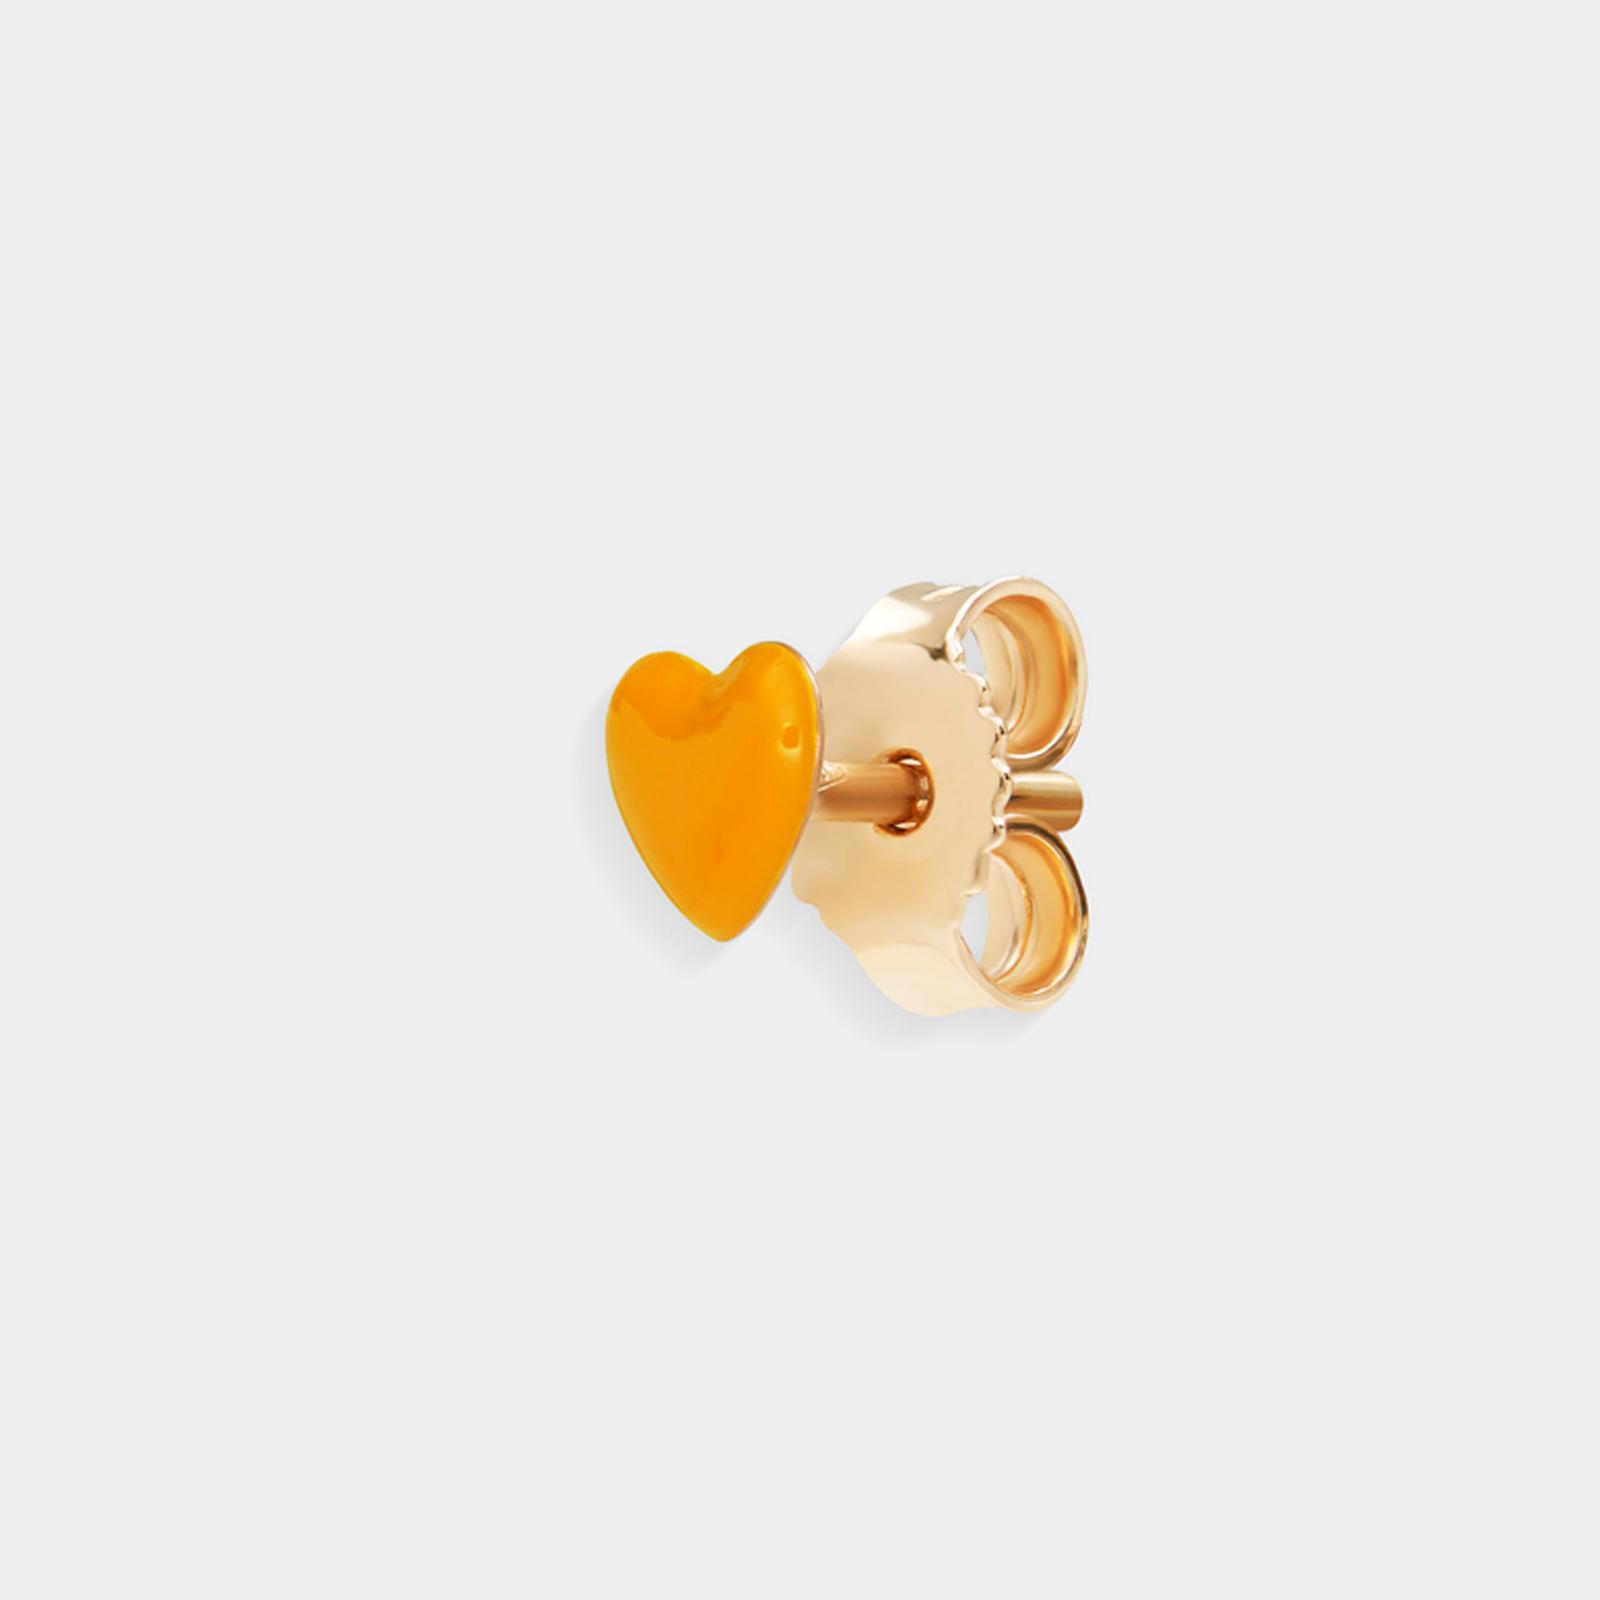 Rosanna Cattolico - Mono orecchino in oro giallo e cuore smaltato giallo ocra